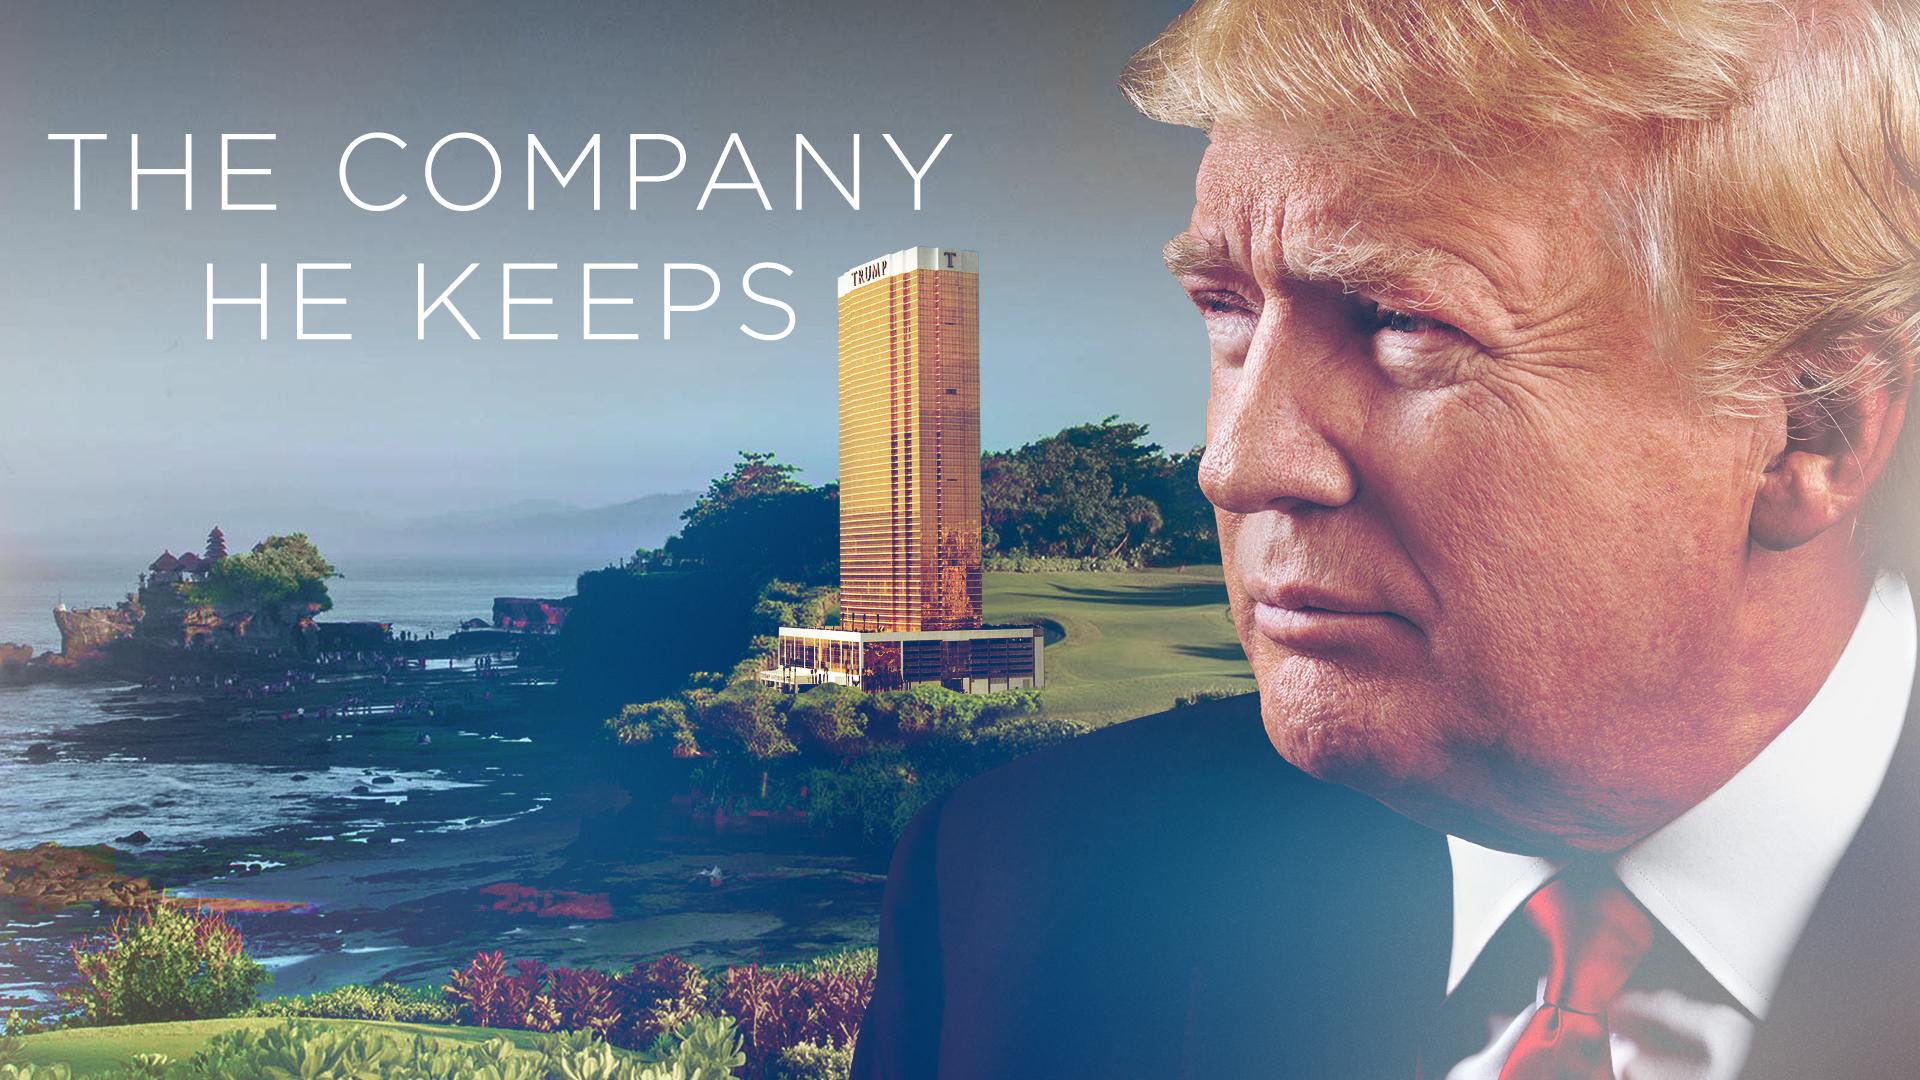 Trump: The Company He Keeps